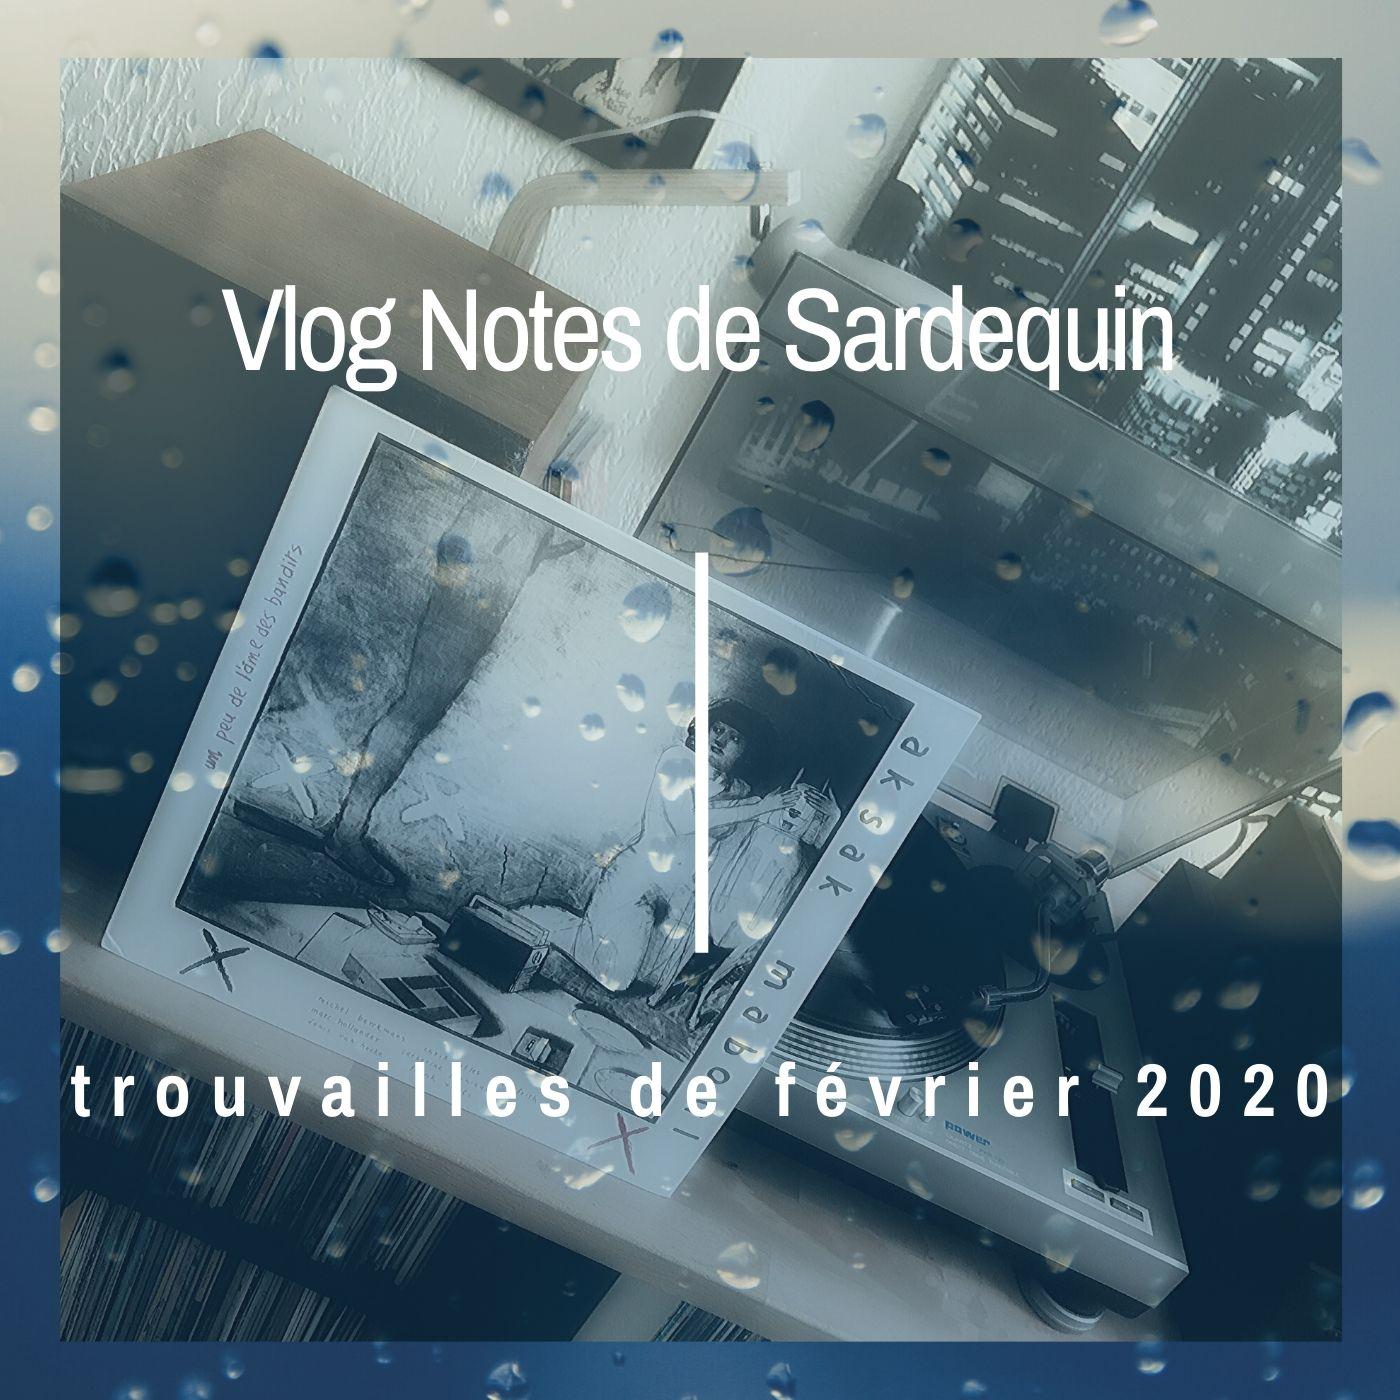 Vlog Notes N°6 : trouvailles de février 2020